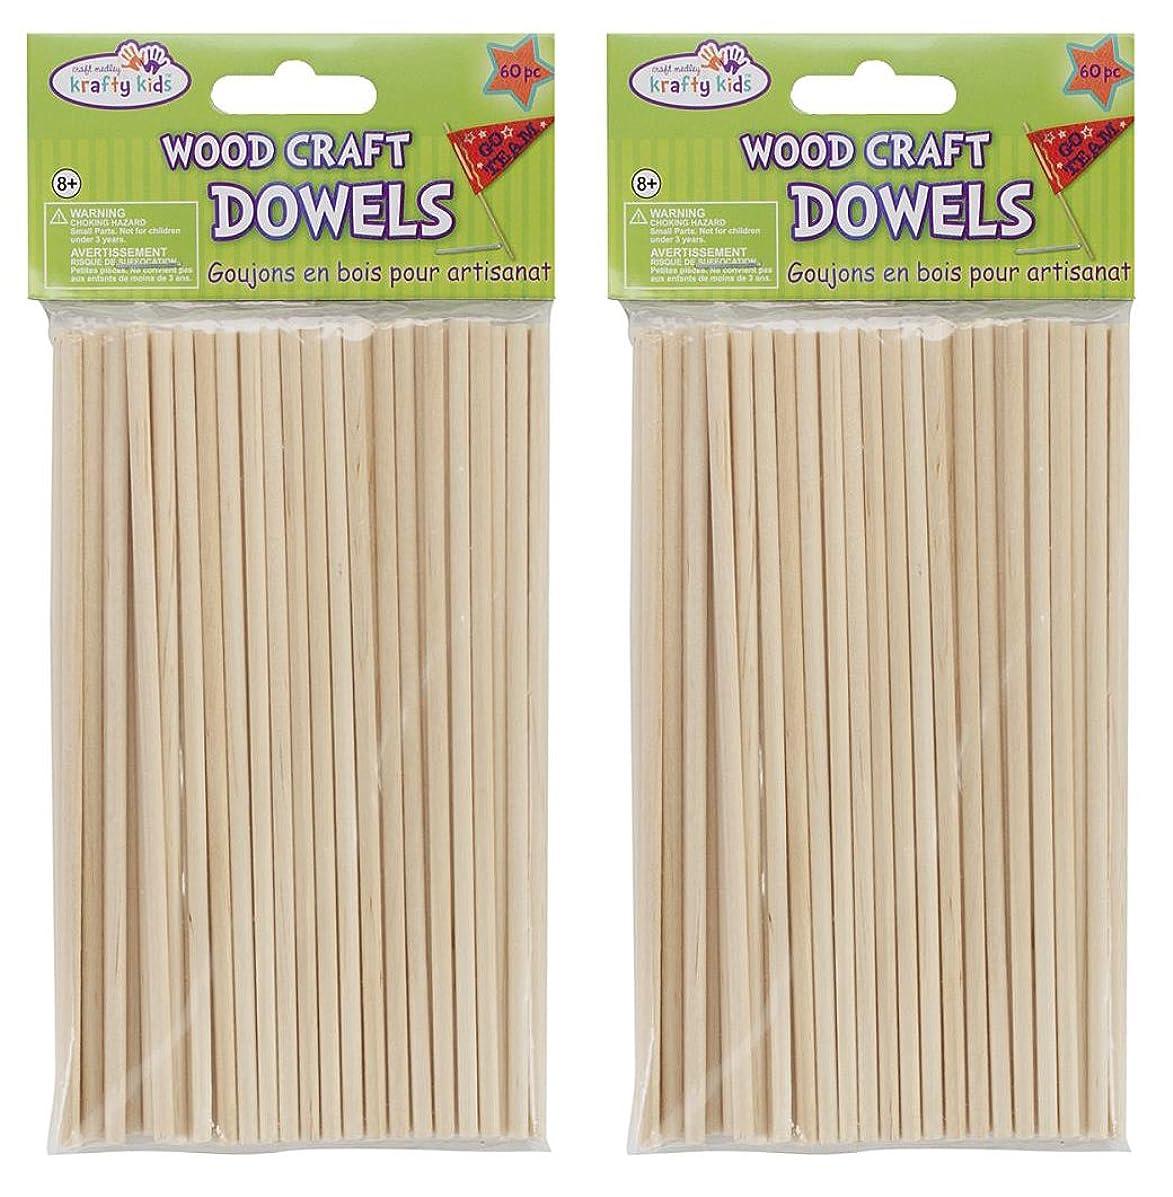 Wood Craft Dowels 6